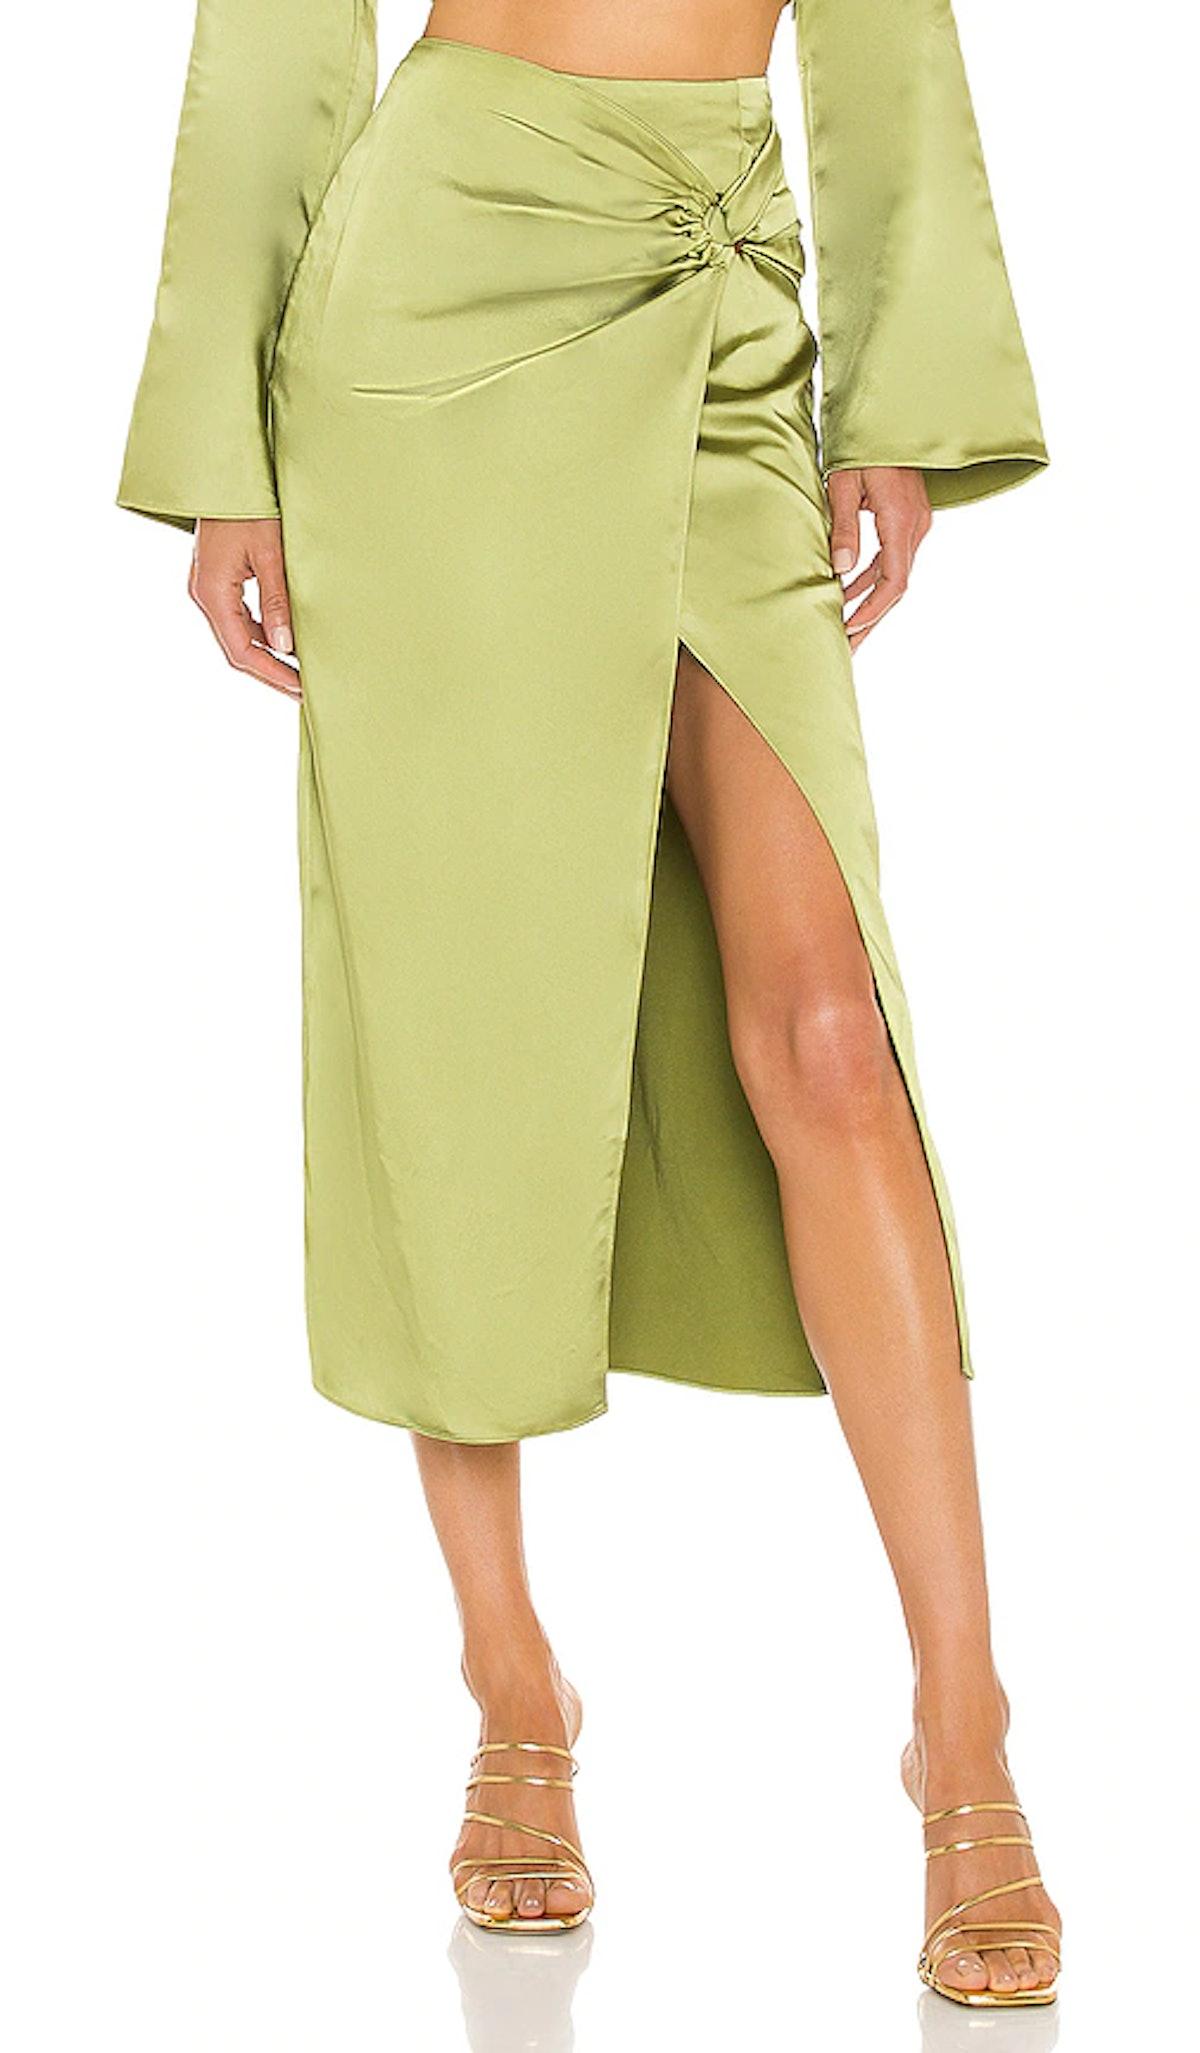 Armina Skirt